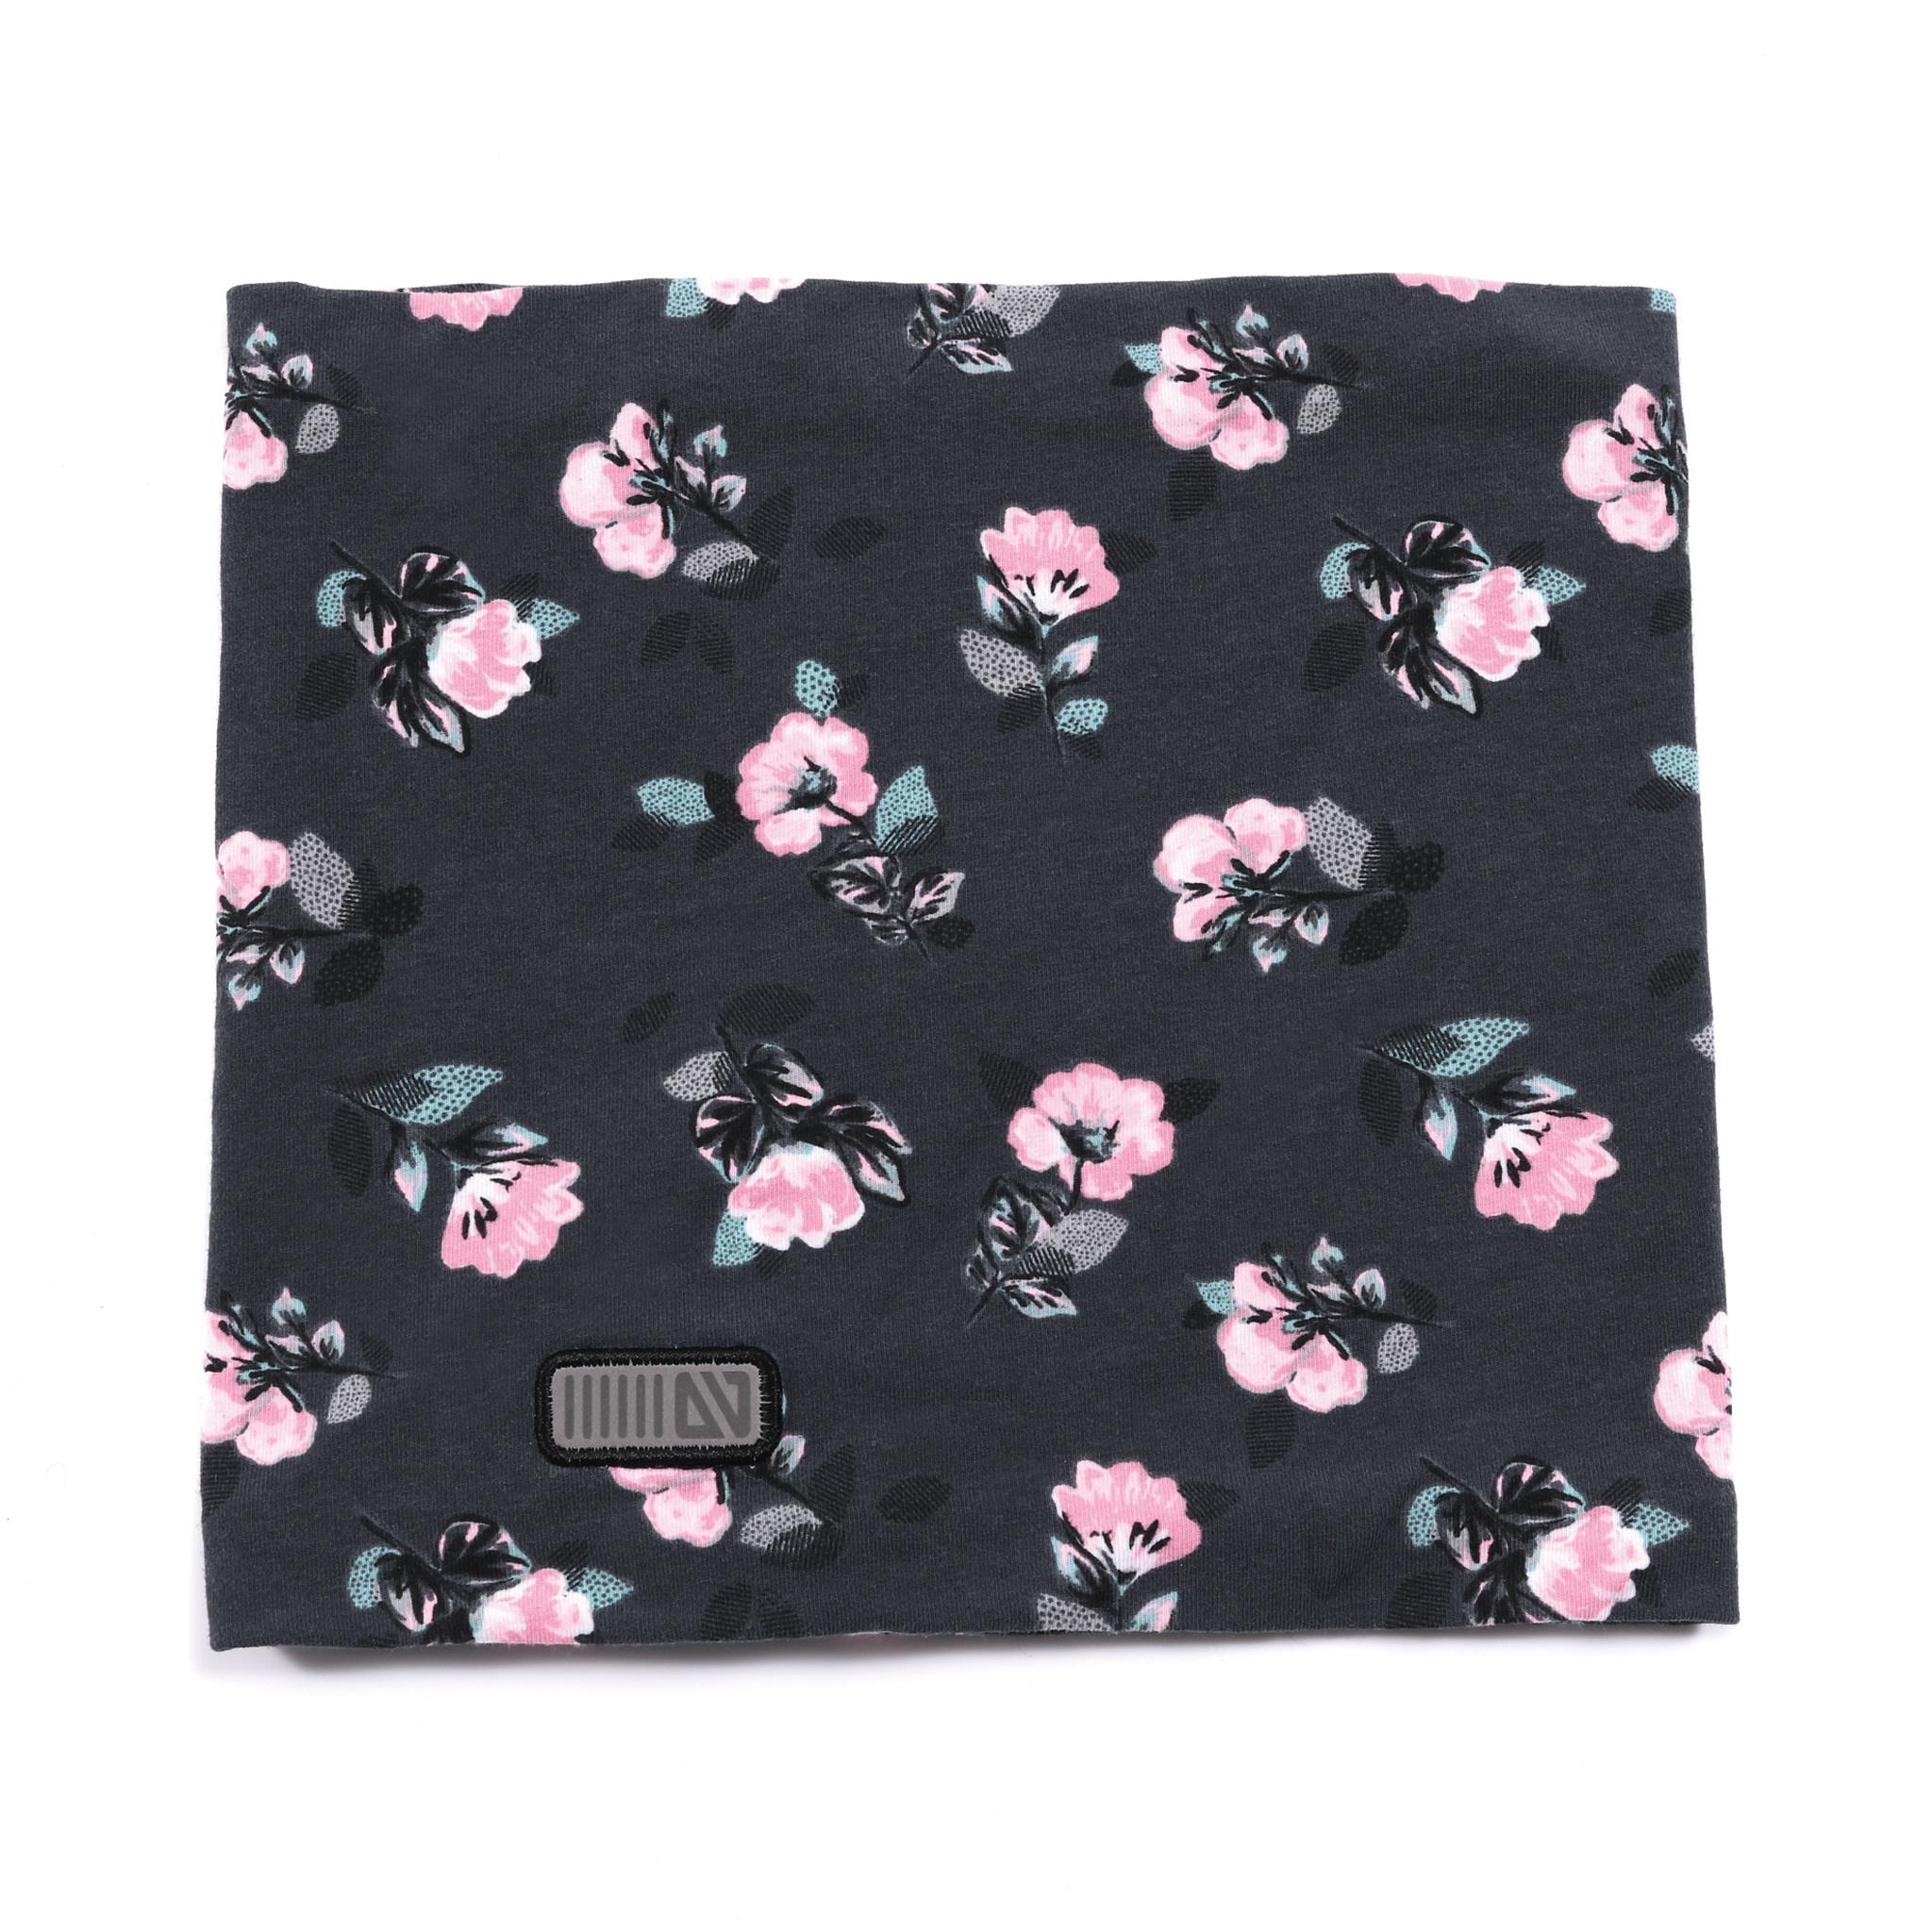 Cache-cou en jersey Charcoal Fleurs-1